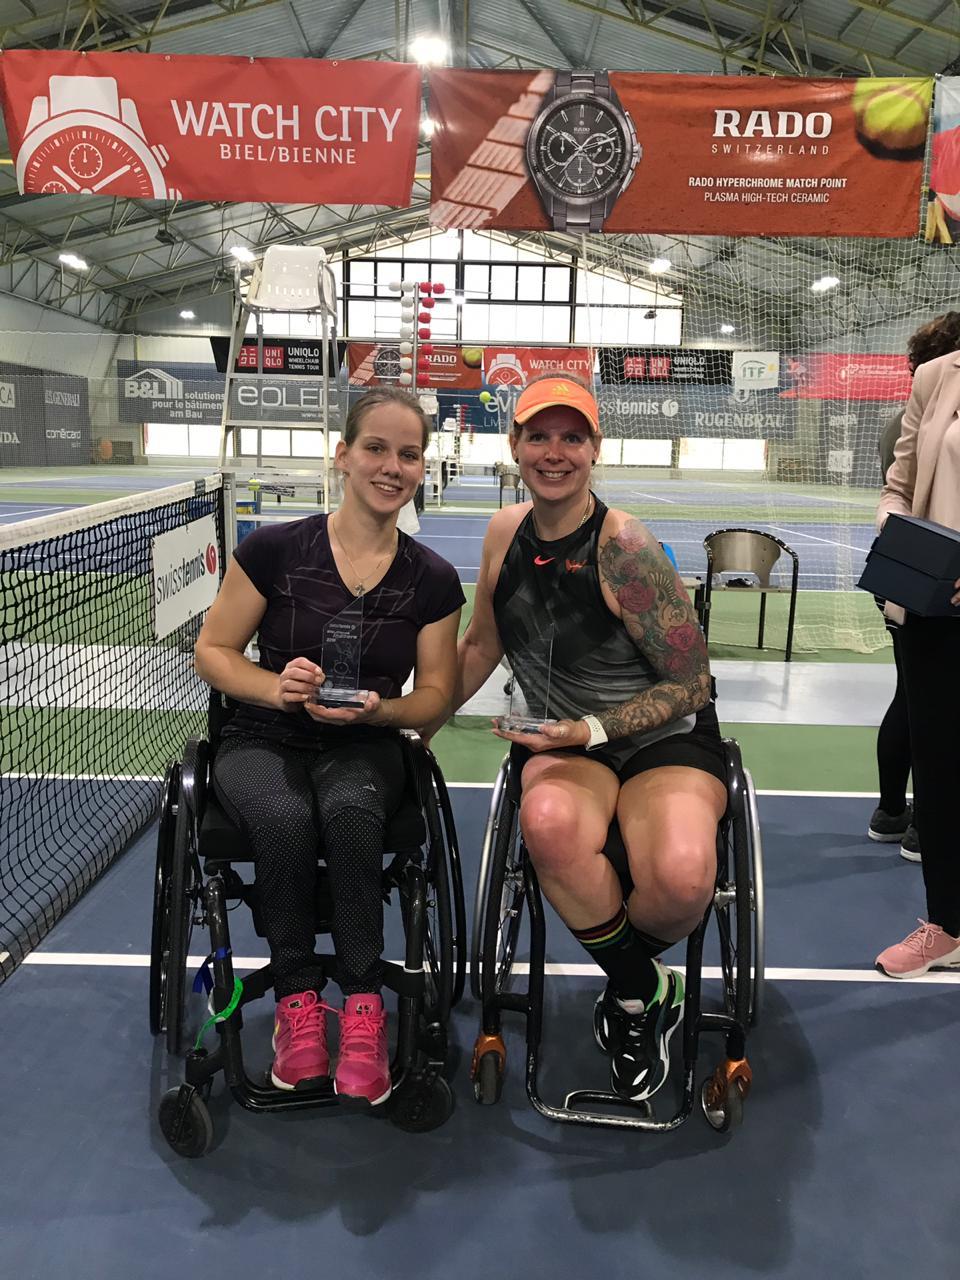 Подмосковная спортсменка Виктория Львова завоевала золотую медаль в парных соревнованиях международного турнира по теннису на колясках в Швейцарии